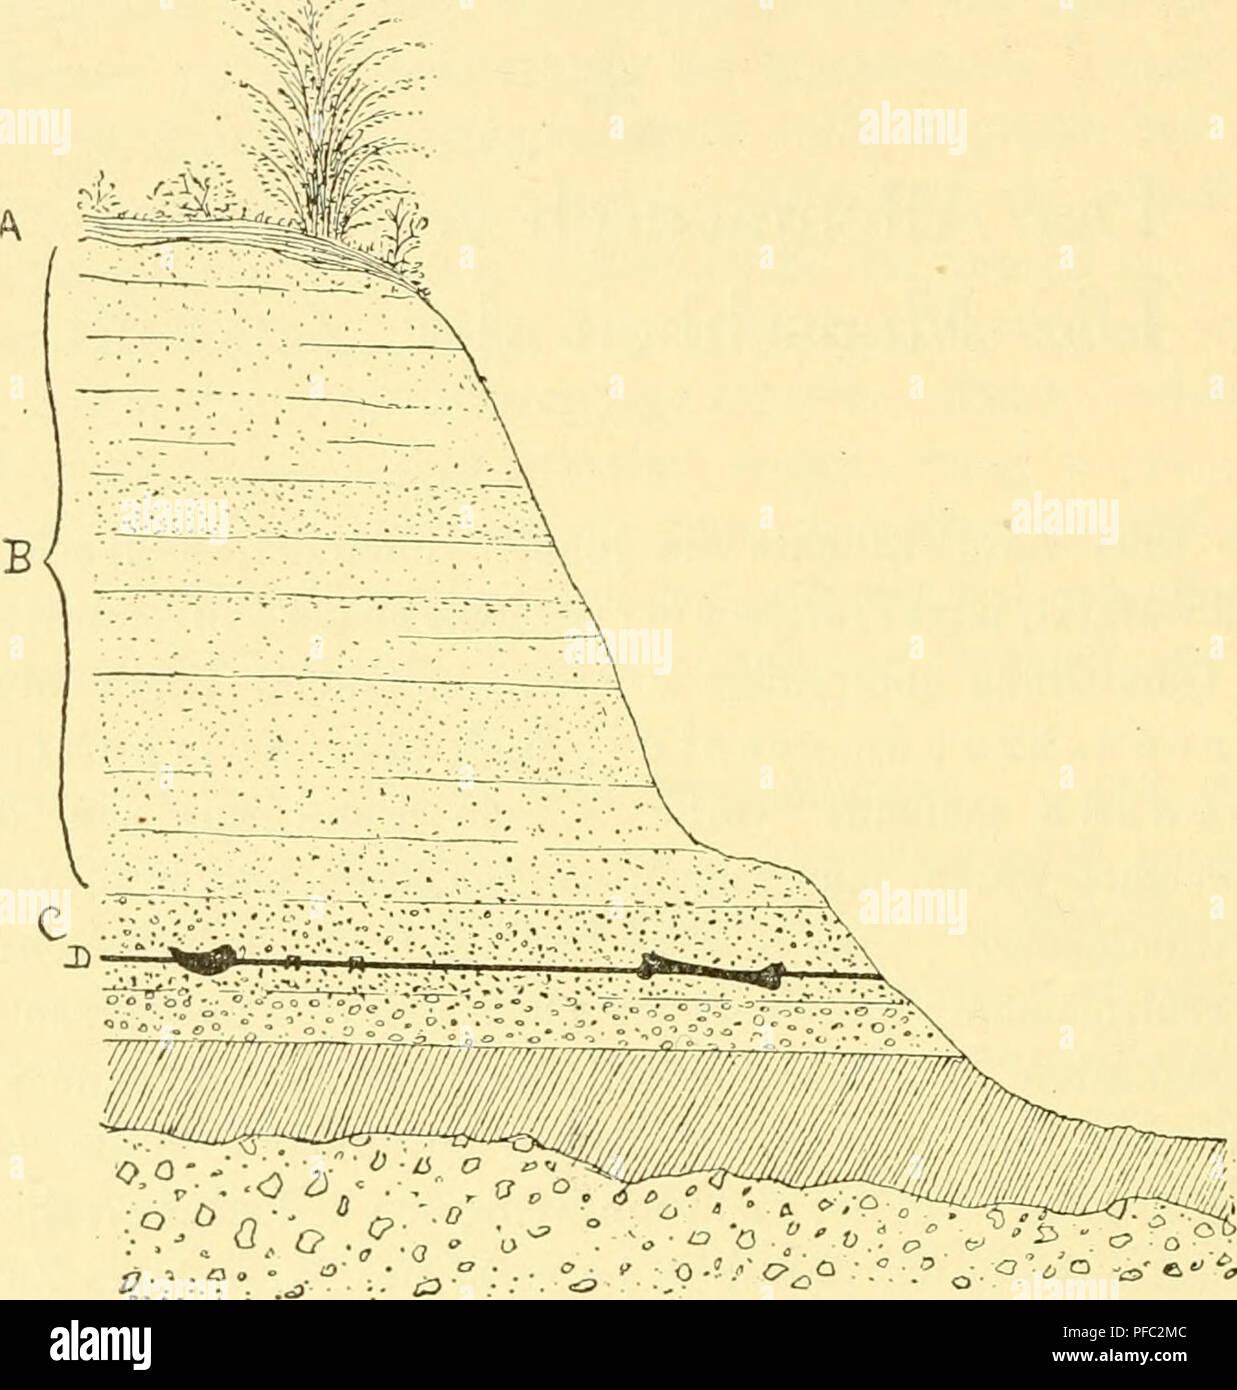 . Der Mensch, sein Ursprung und seine Entwicklung, in gemeinverständlicher Darstellung. Human beings; Evolution. 354 W. Lechs: Der Mensch. Stück eines Unterkiefers von derselben Fundstelle erhalten, welcher eine dem Schädeldach entsprechende Beschaffenheit zeigen soll; eine Veröffent- lichung über diesen letzten Fund ist bisher nicht erfolgt. Zusammen mit diesen Resten wurde eine große Anzahl Säugetiere wie Elefanten, Nashörner, Flußpferde, Hyänen u. a. entdeckt, aber sämtlich zu Arten gehörend, welche längst ausgestorben sind. Die soeben erwähnten Skeletteile sind vollständig. Fig. 360. Durch - Stock Image